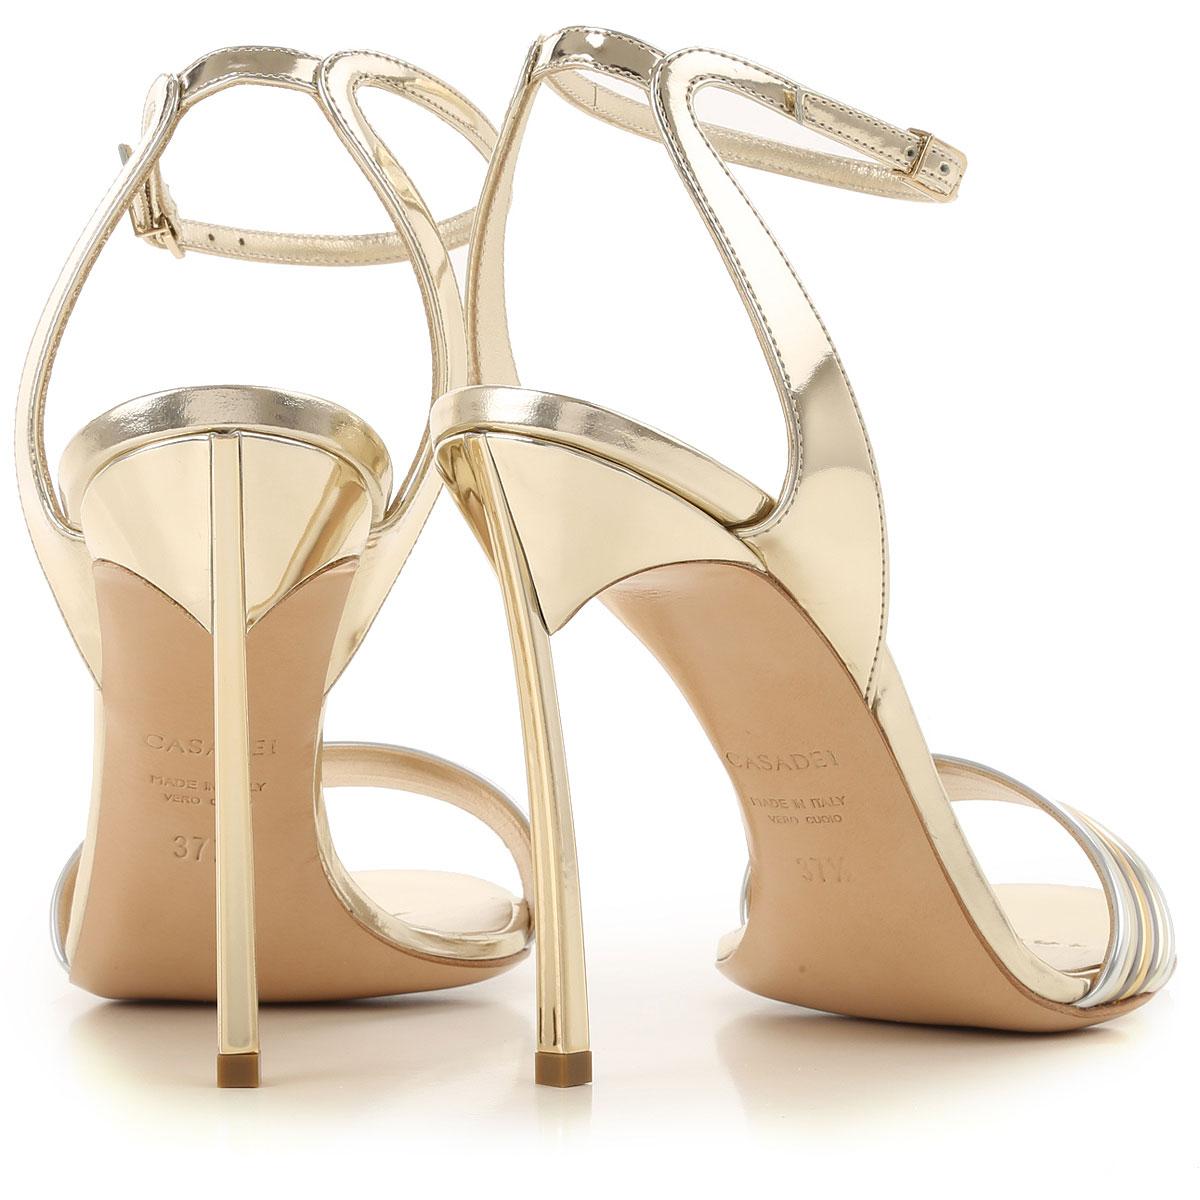 Casadei nbsp; 2019 Para Primavera verano Mujer Paladio Zapatos 8H48wqrUB